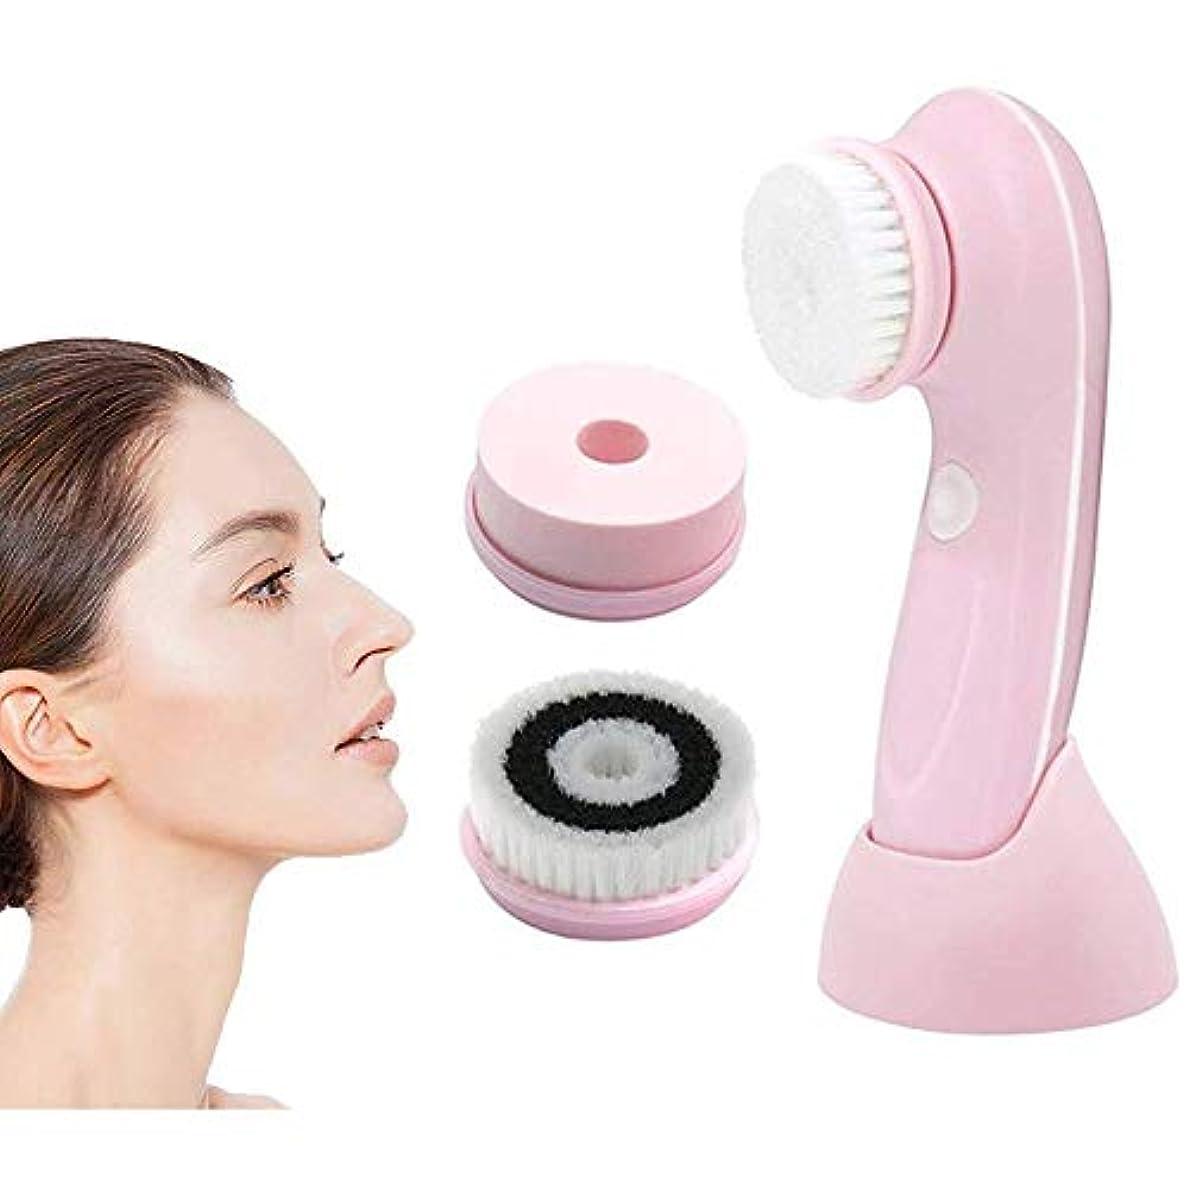 顕著領事館ペデスタルKJRJCD 洗顔ブラシ、3つの交換用ヘッドとエクスフォリエイティング、ブラックヘッド、ポータブル顔スクラバー用USB充電式プロフェッショナル洗顔ブラシ、ピンクスピニング